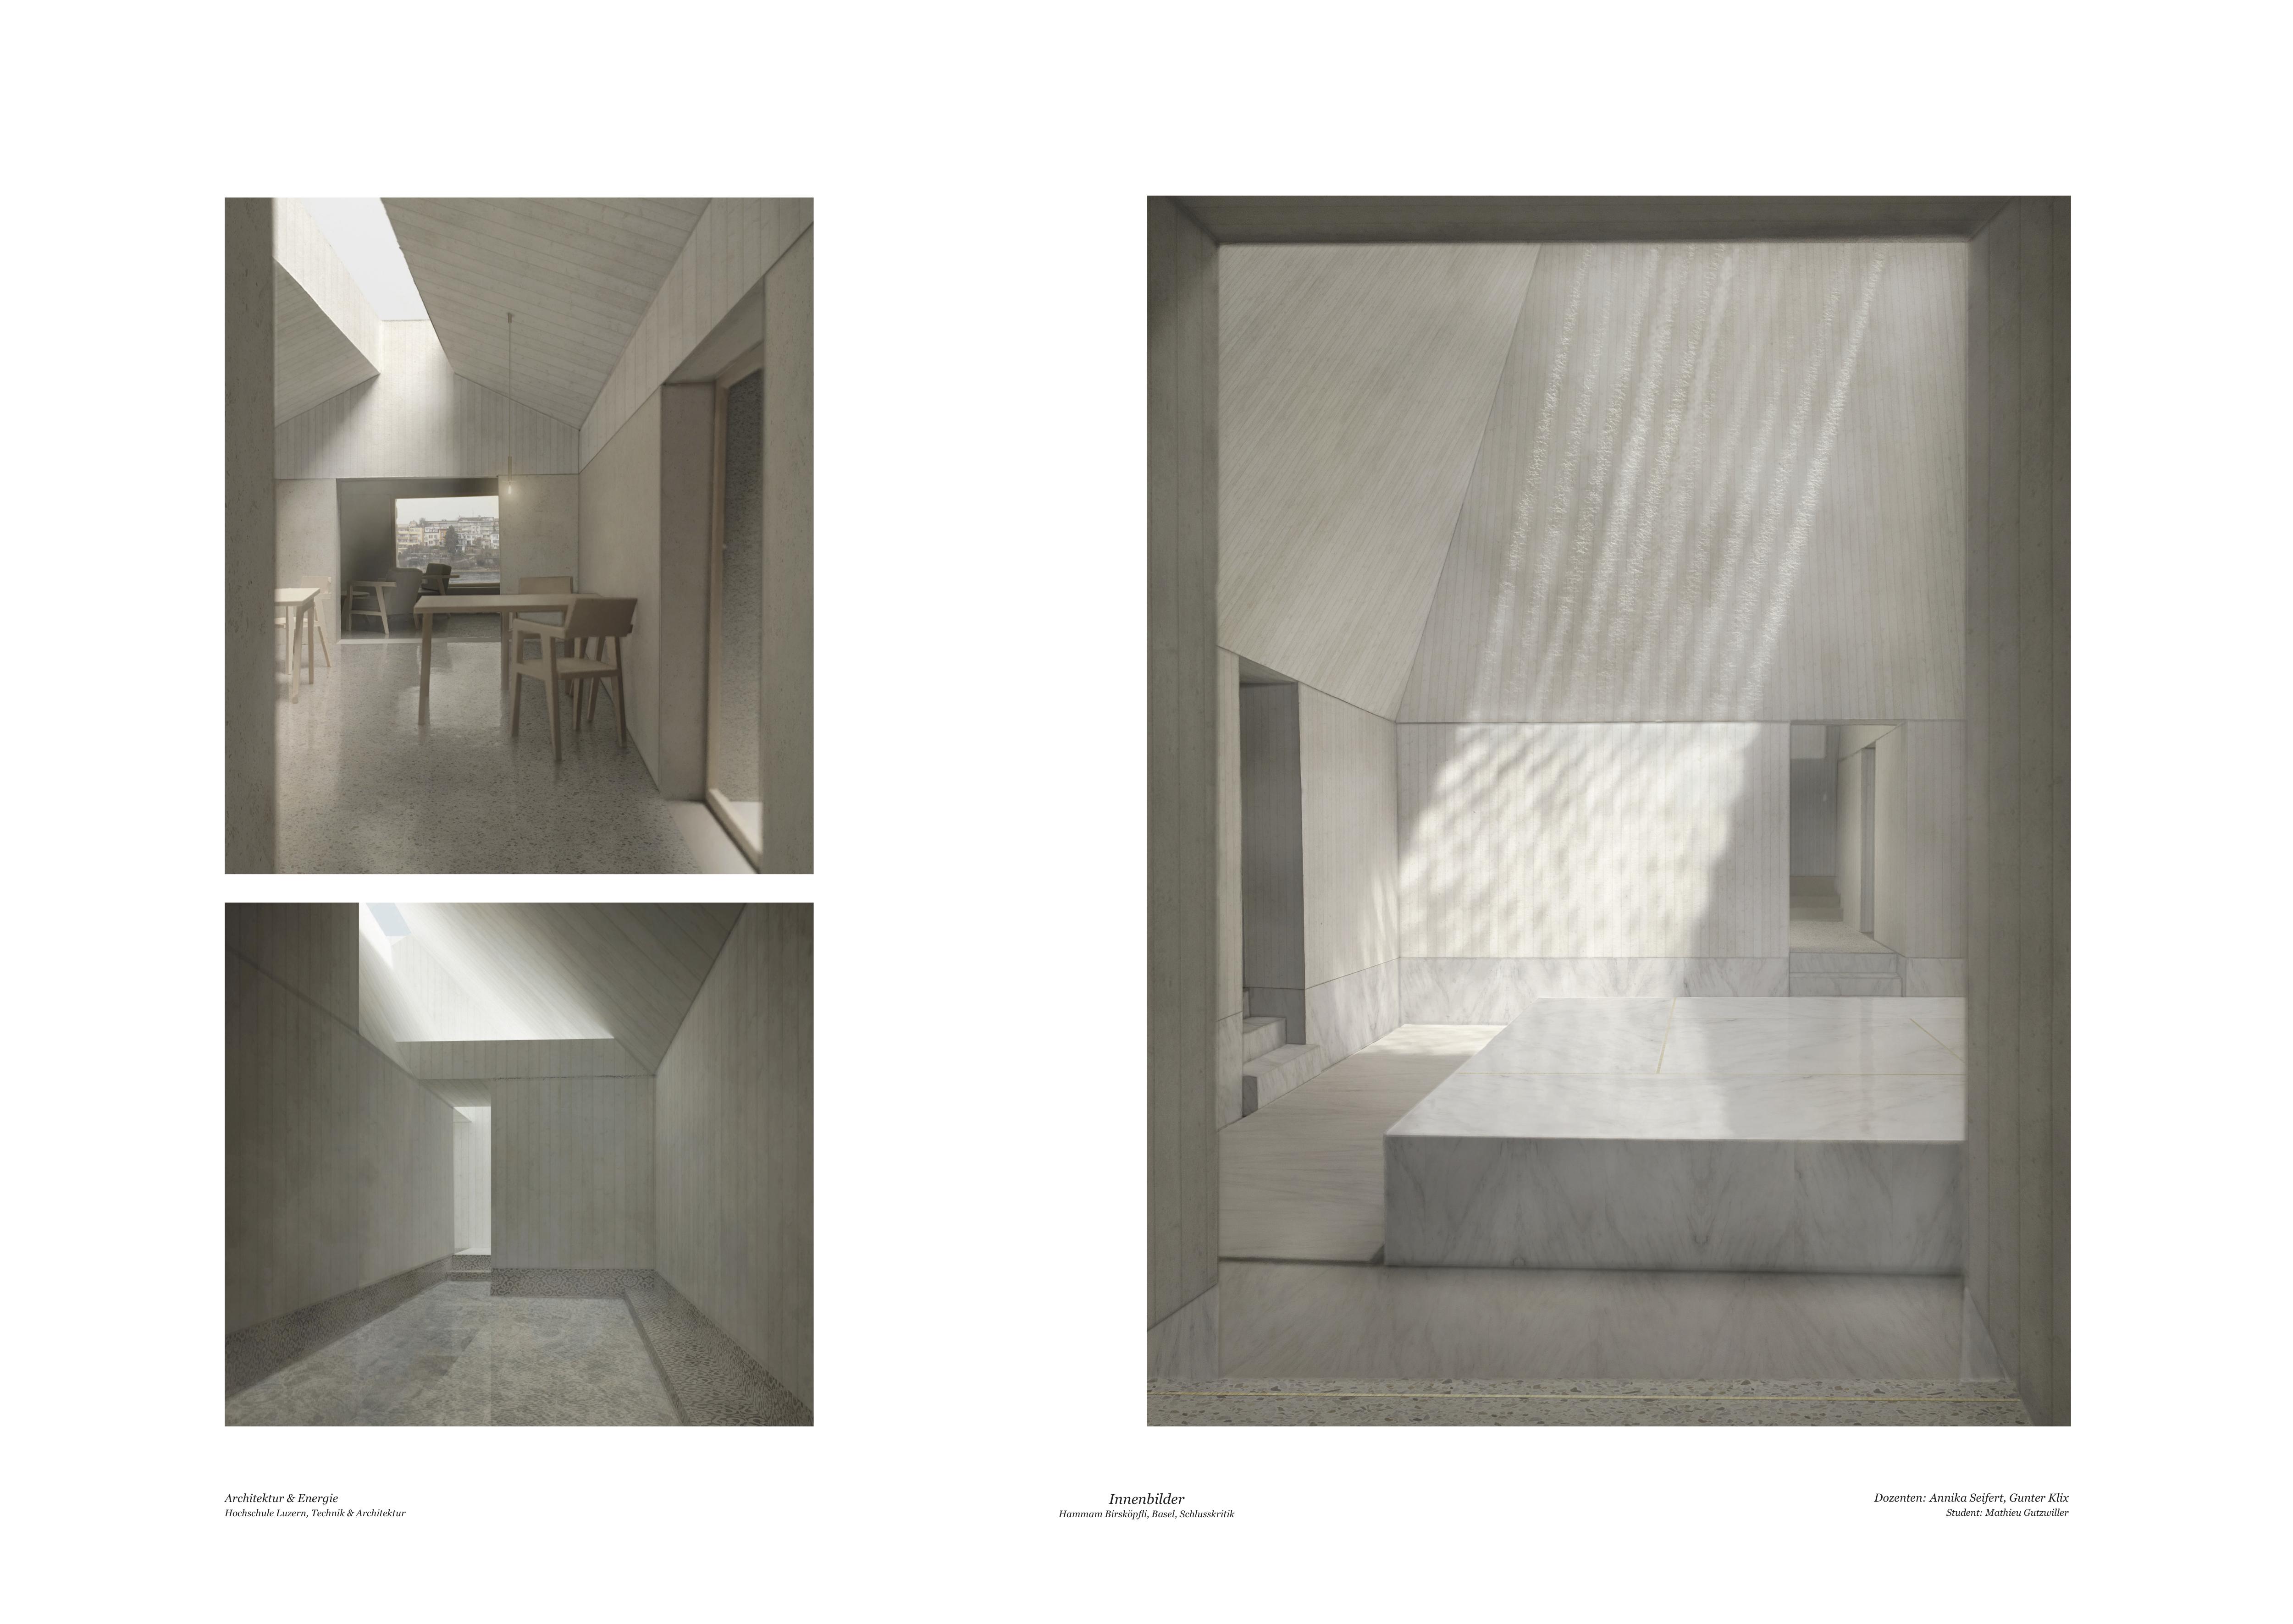 Architektur mnster fabulous einleitung studium vorlage for Studienplan architektur